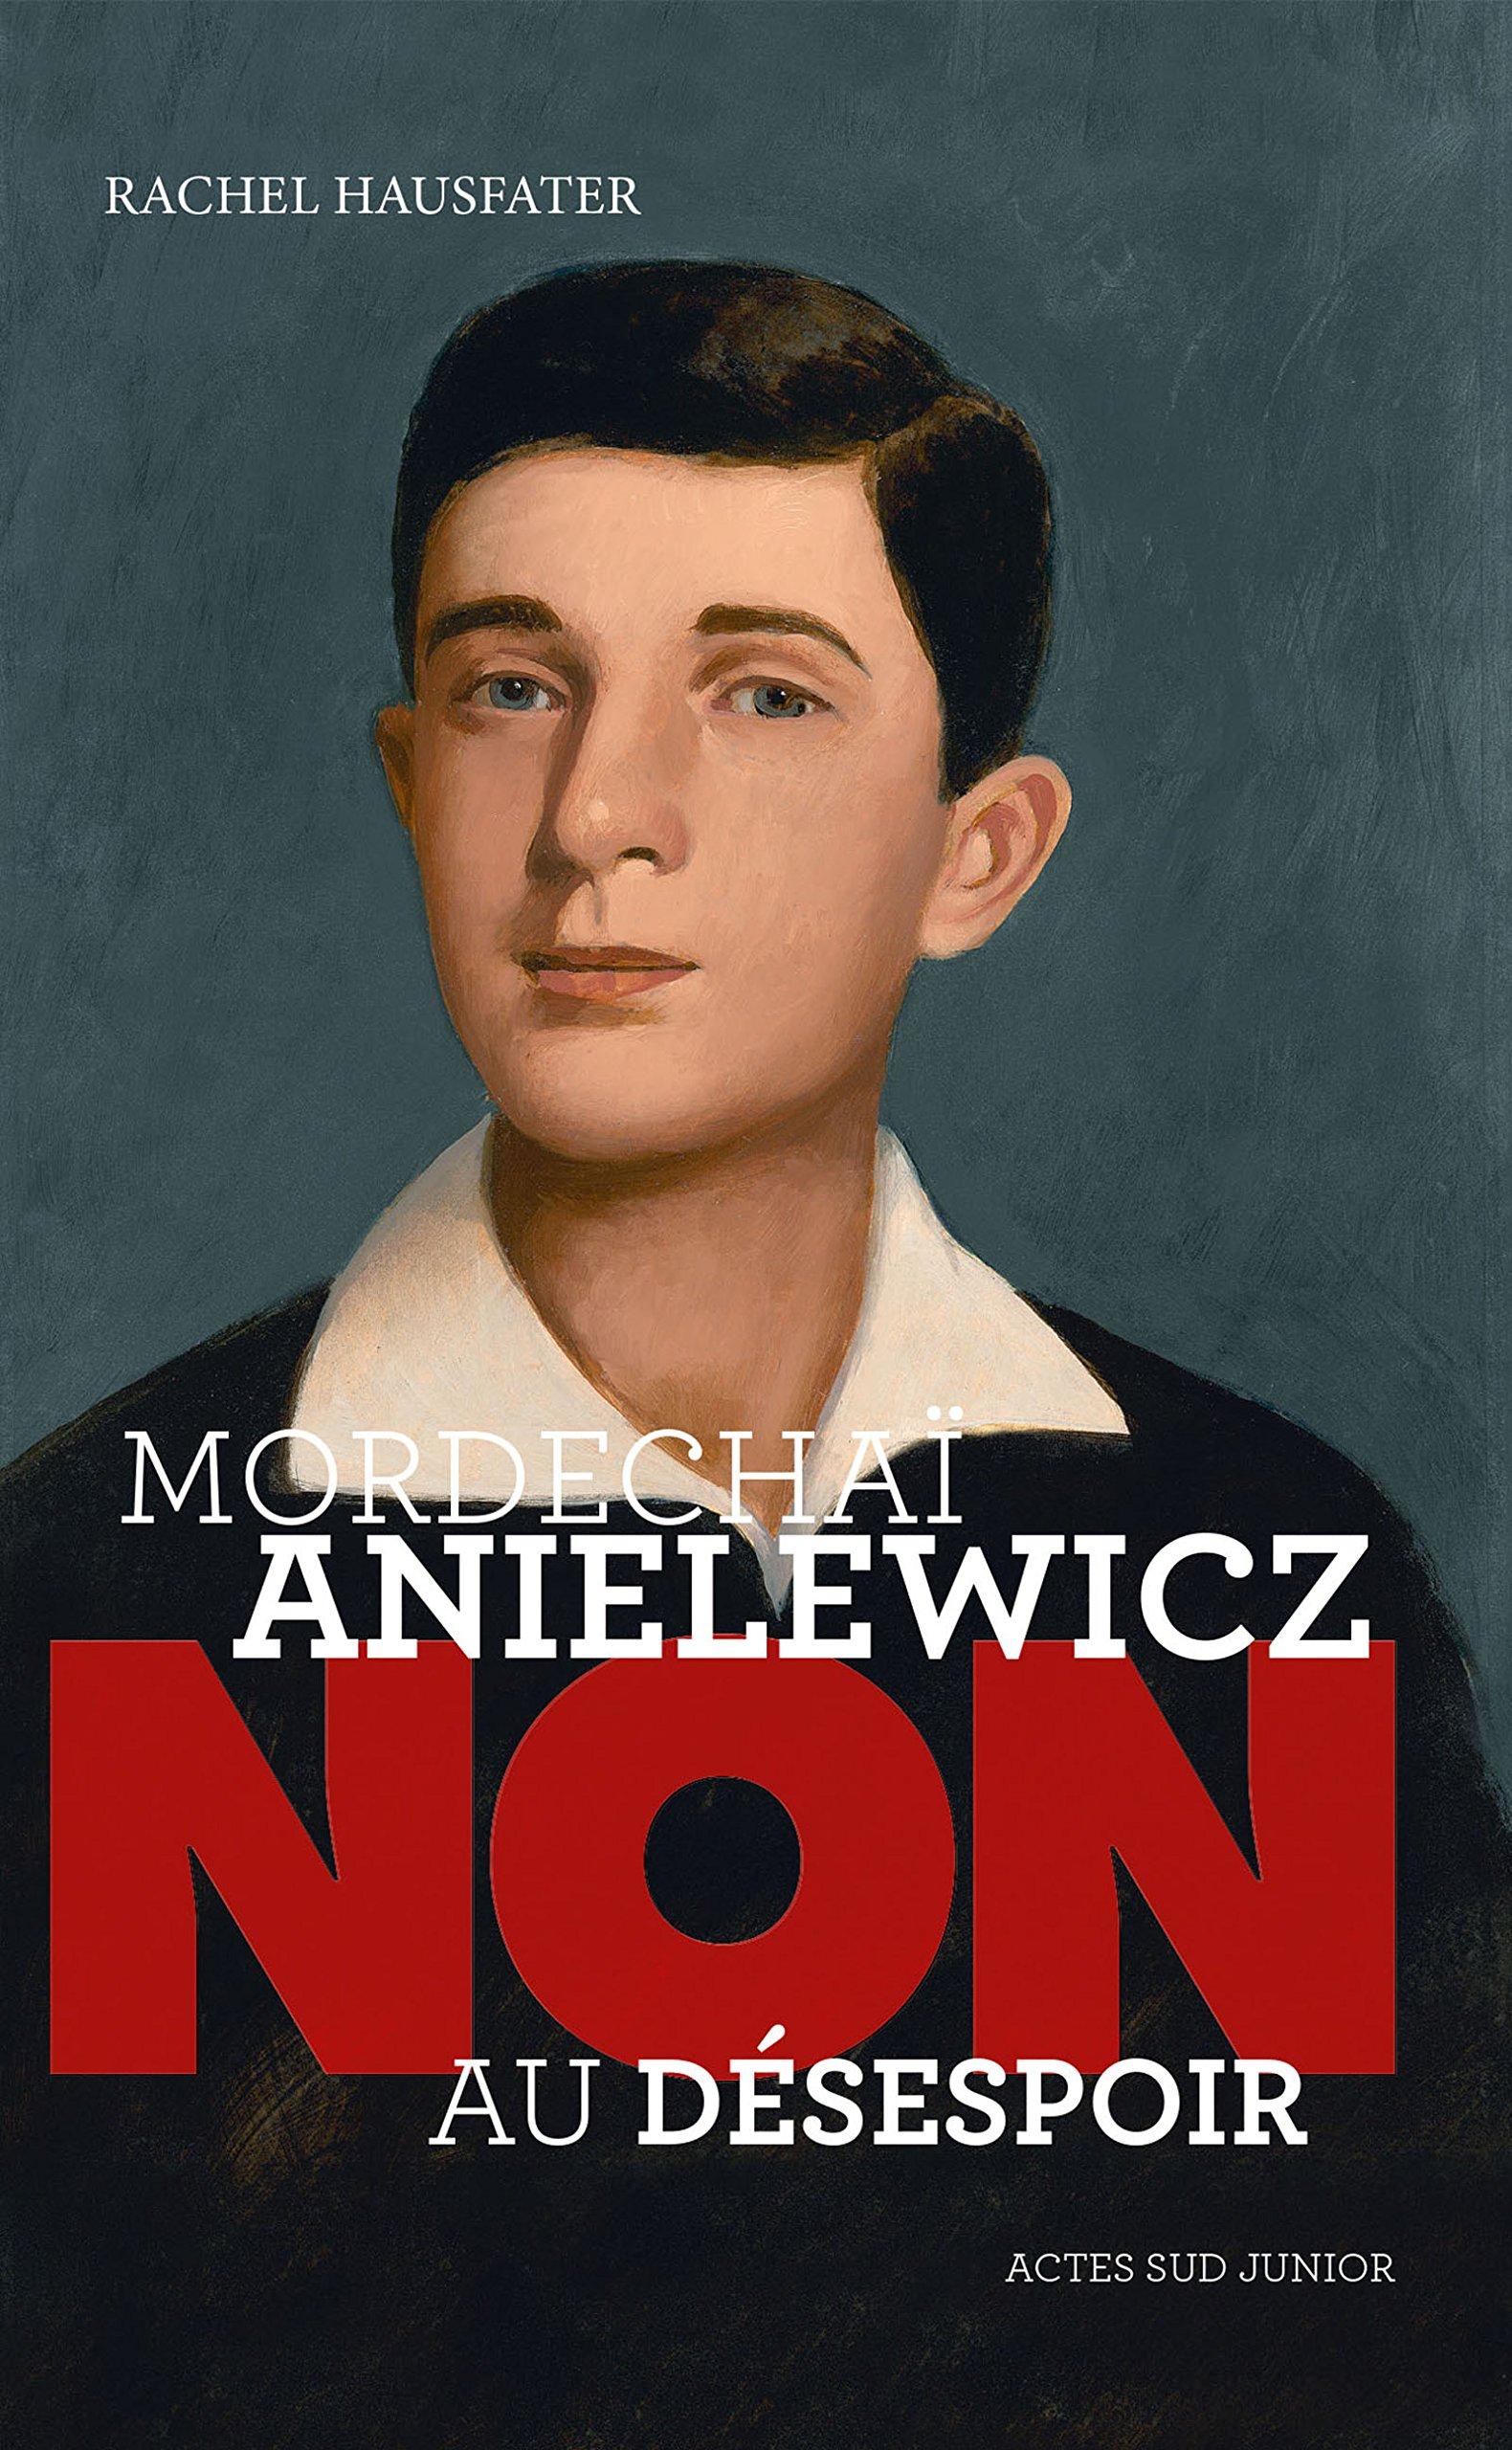 Mordechaï Anielewicz : Non au désespoir (Ceux qui ont dit non) (French Edition)